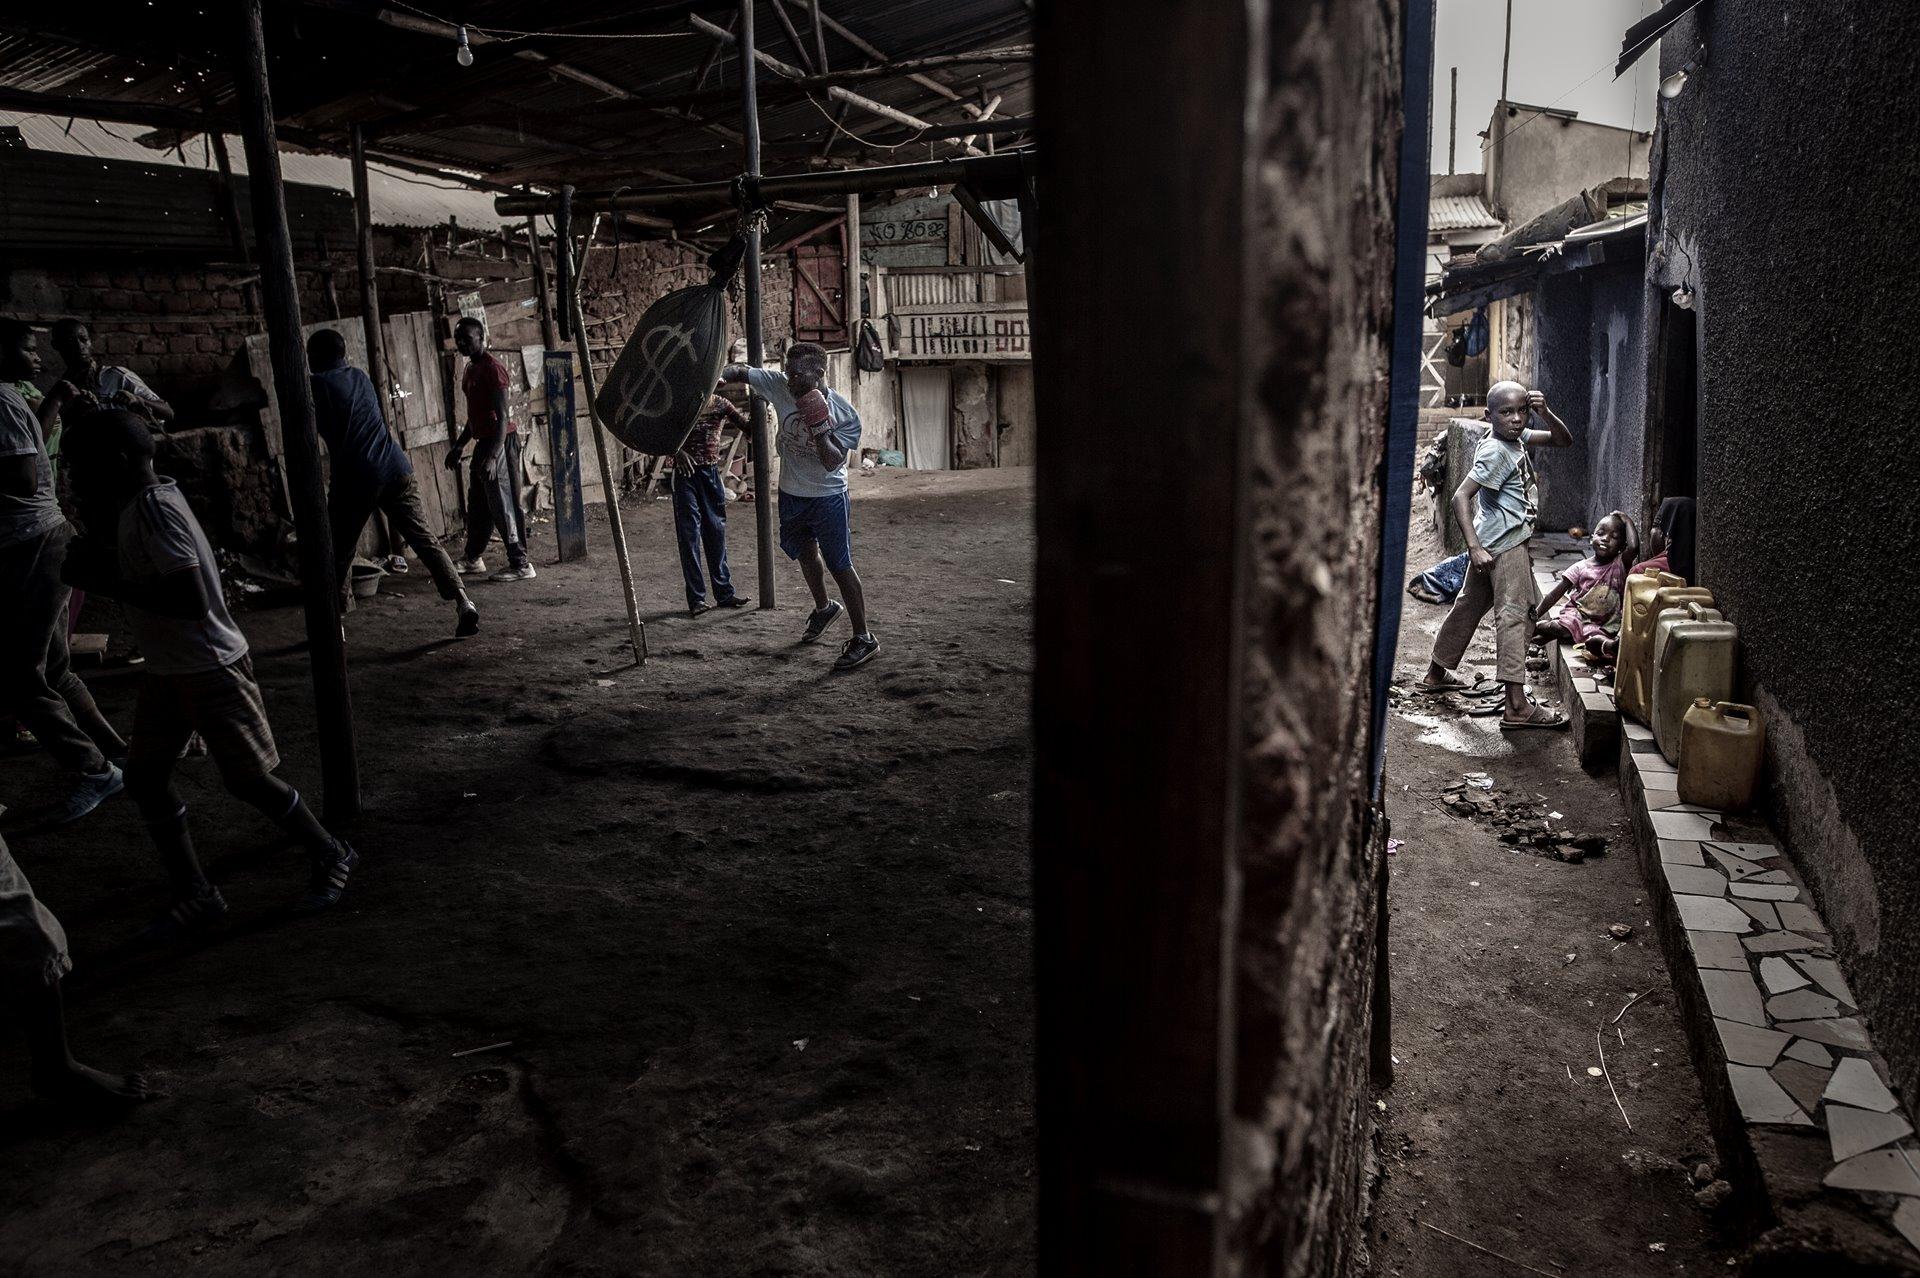 El boxeador Morin Ajambo, de 30 años, entrena en Katanga, un gran asentamiento de tugurios en Kampala, Uganda. Más de 20.000 personas viven en Katanga, hacinadas y, a menudo, en la pobreza extrema. El club de boxeo no recibe fondos externos / Foto: John T. Pedersen